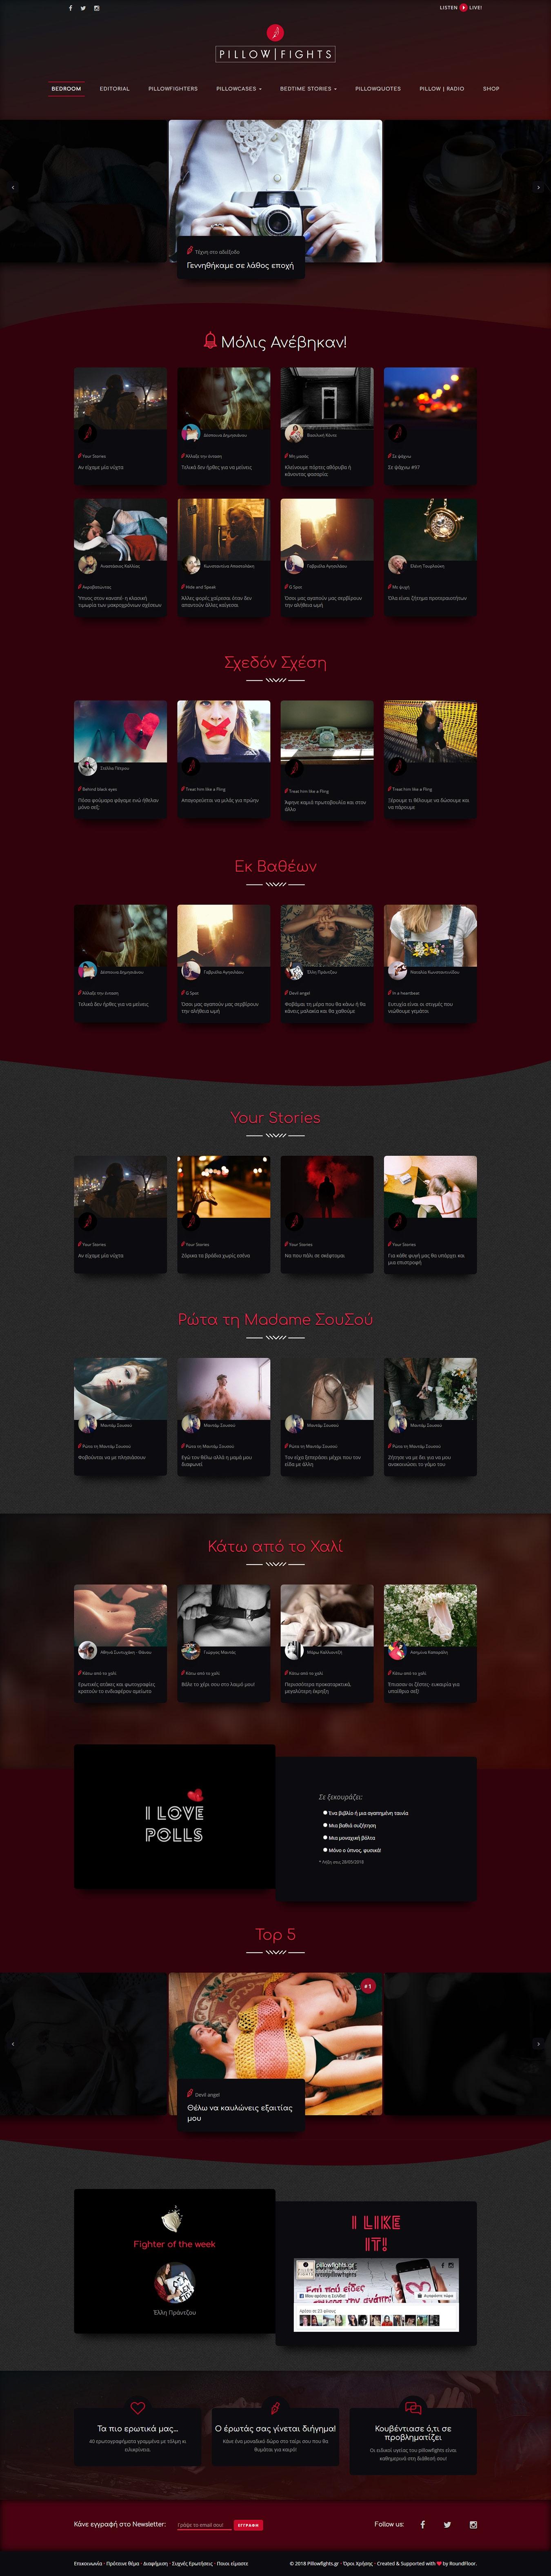 Κατασκευή portal, με blog, e-shop και e-radio για το Pillowfights